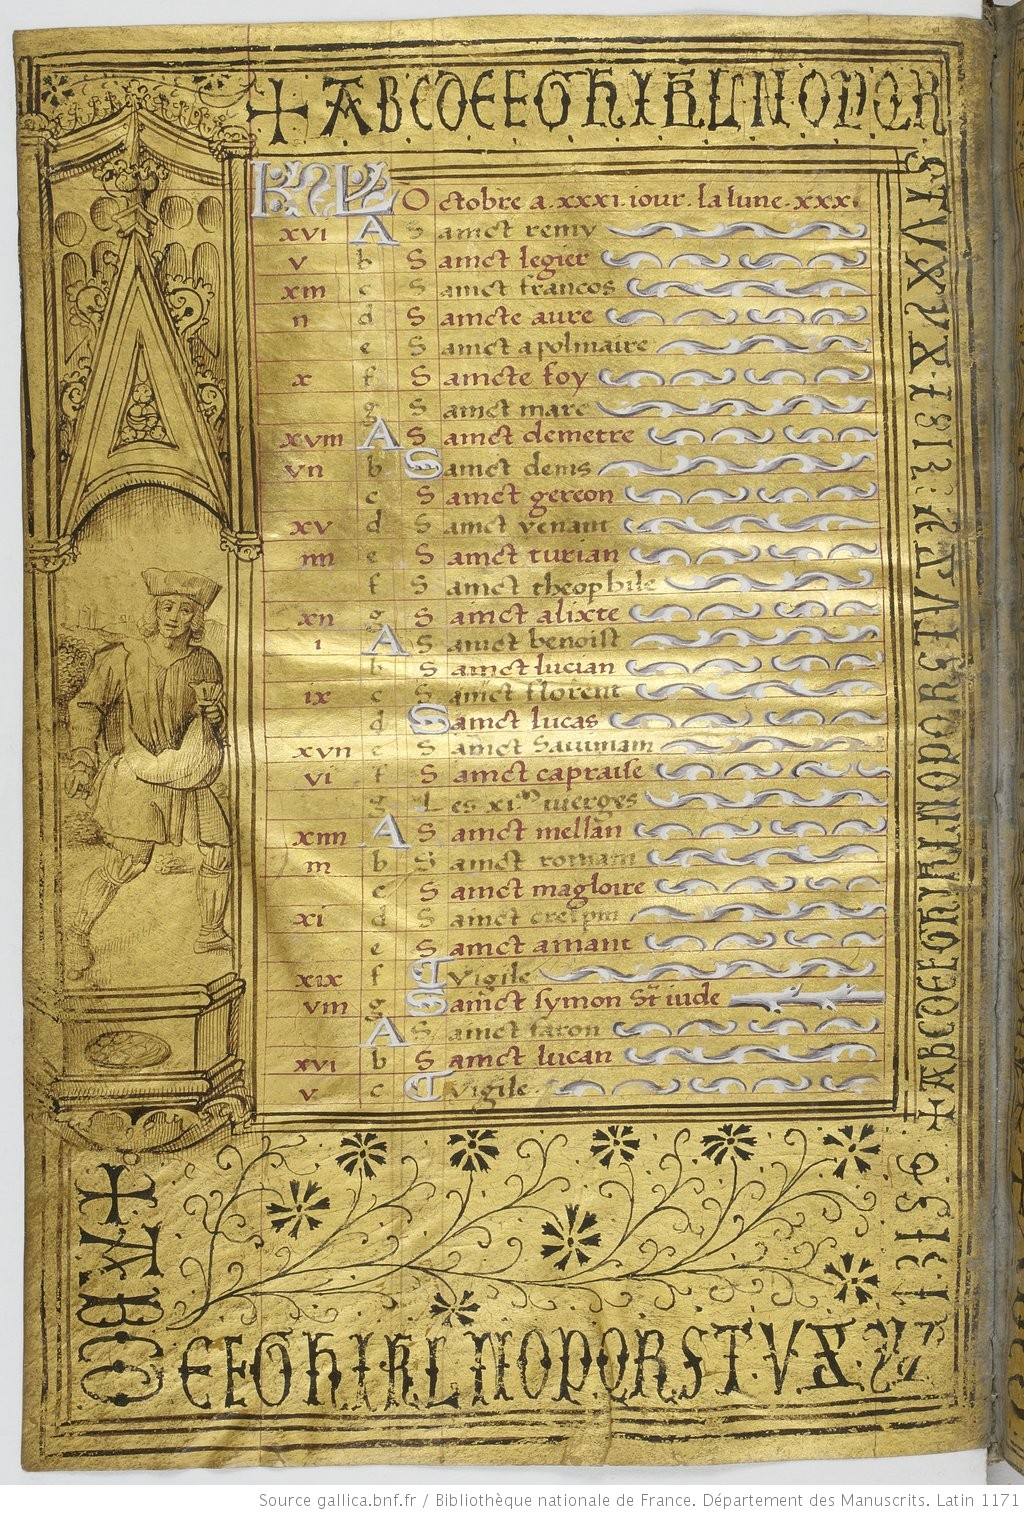 Heures dites de Henri IV BNF Lat 1171 fol 5v Octobre Gallica